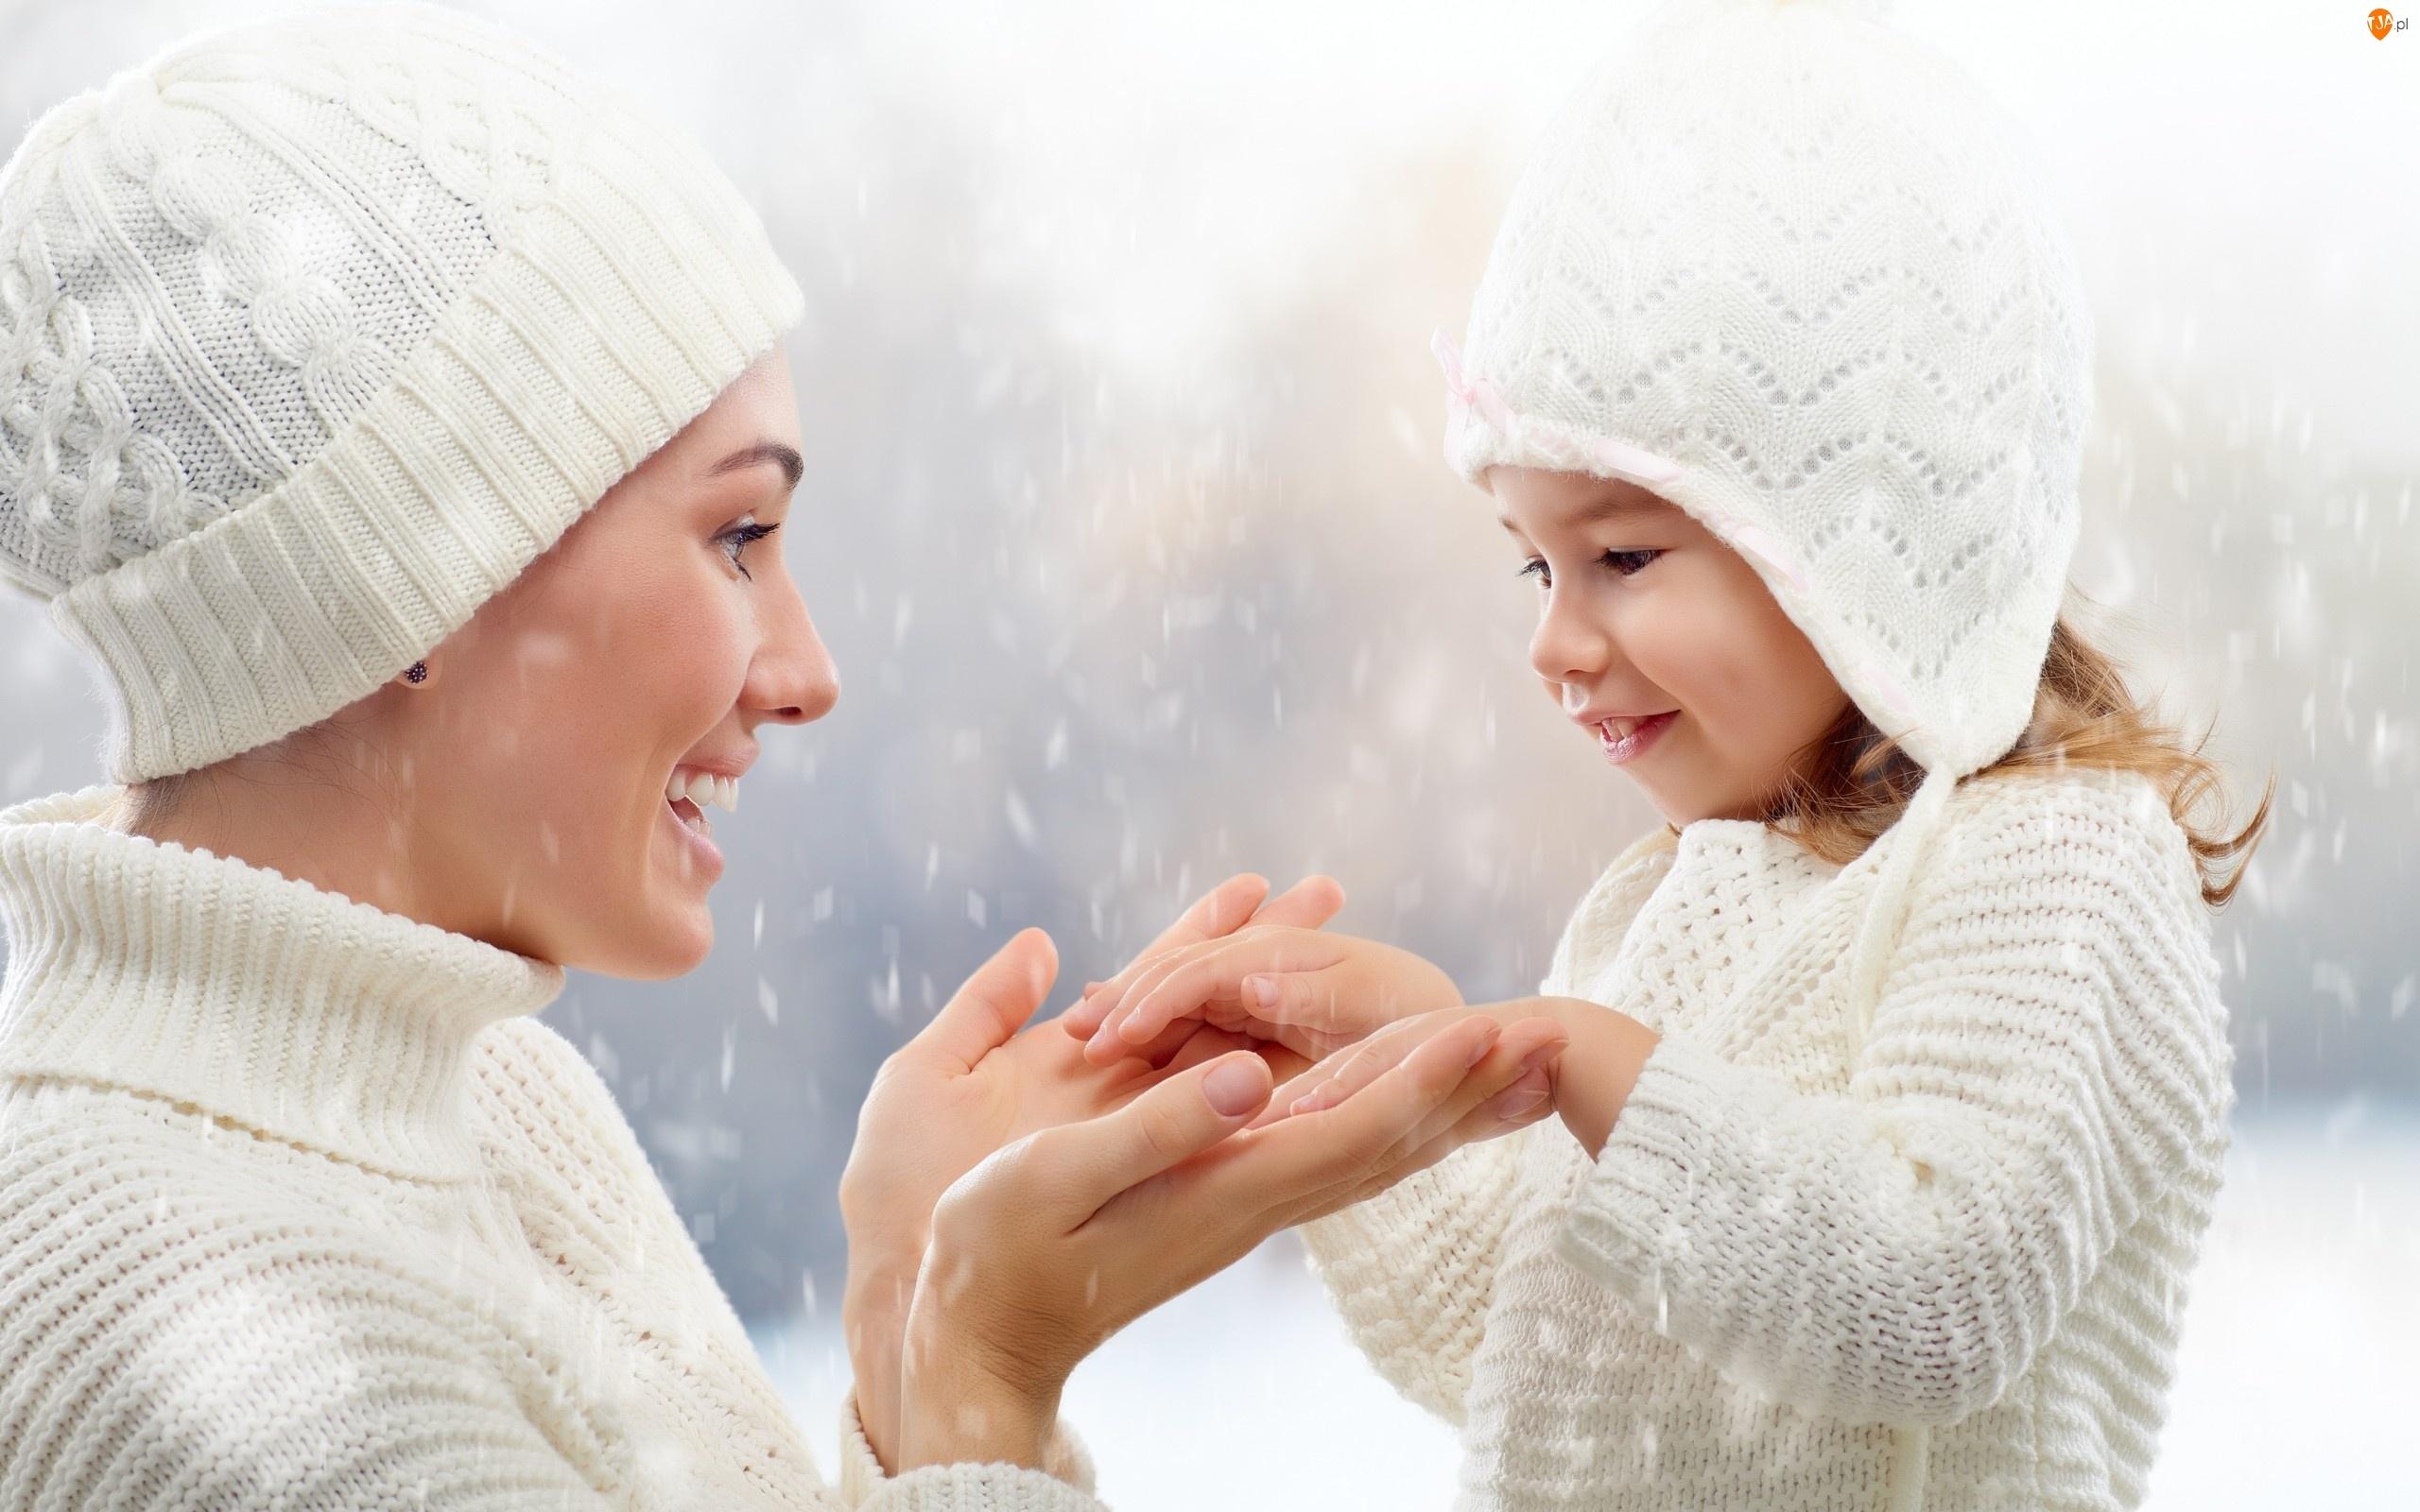 Usmiech, Kobieta, Białe, Dziecko, Czapki